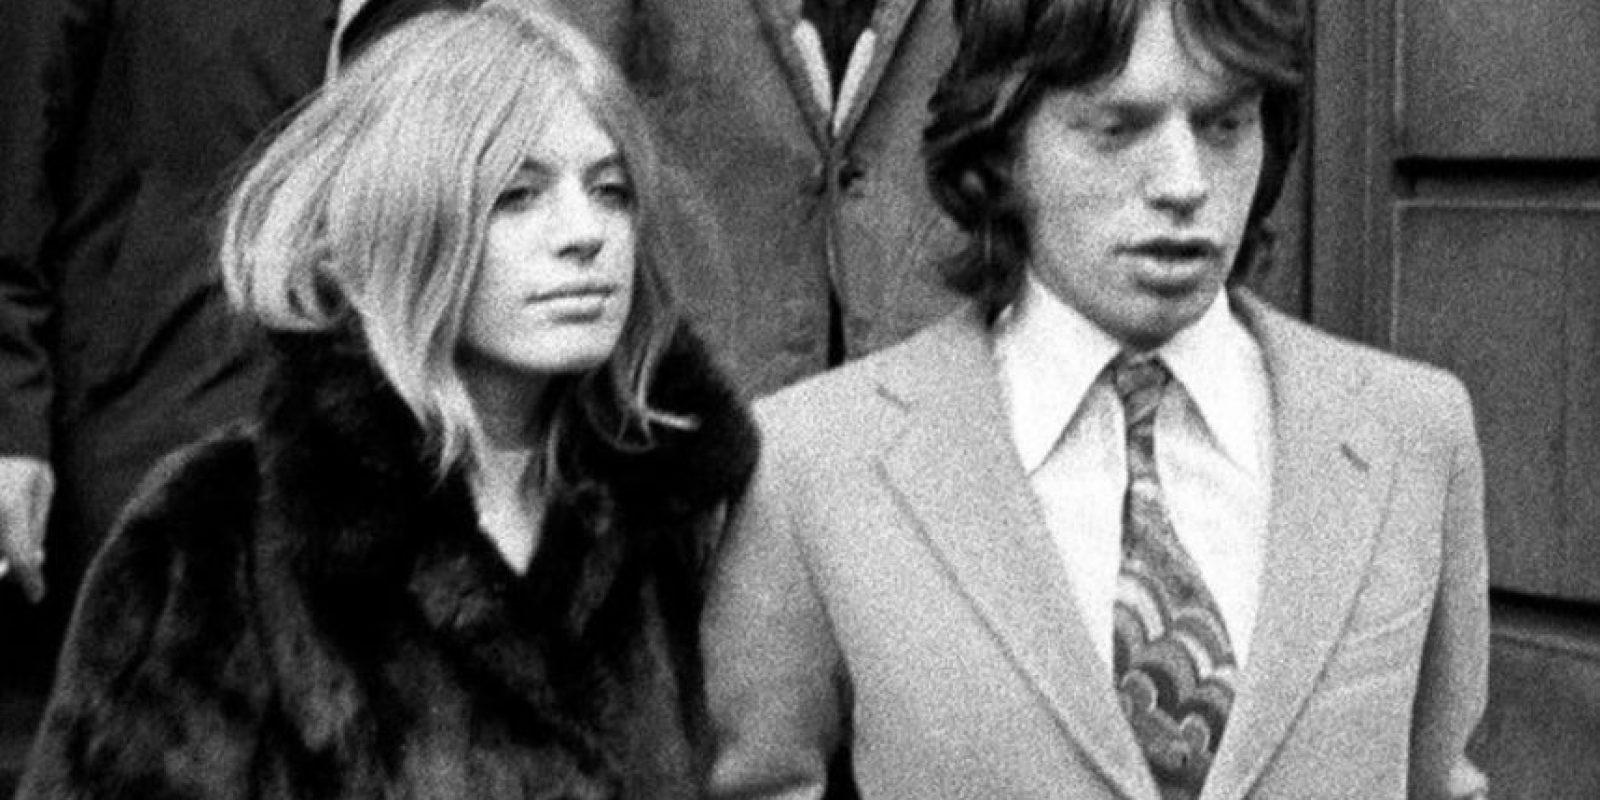 Dicen que Mick Jagger y Keith Richards se acostaron al mismo tiempo con Marianne Faithfull y le introdujeron un bombón. Cosa que no ha sido confirmada jamás. Foto:vía Getty Images